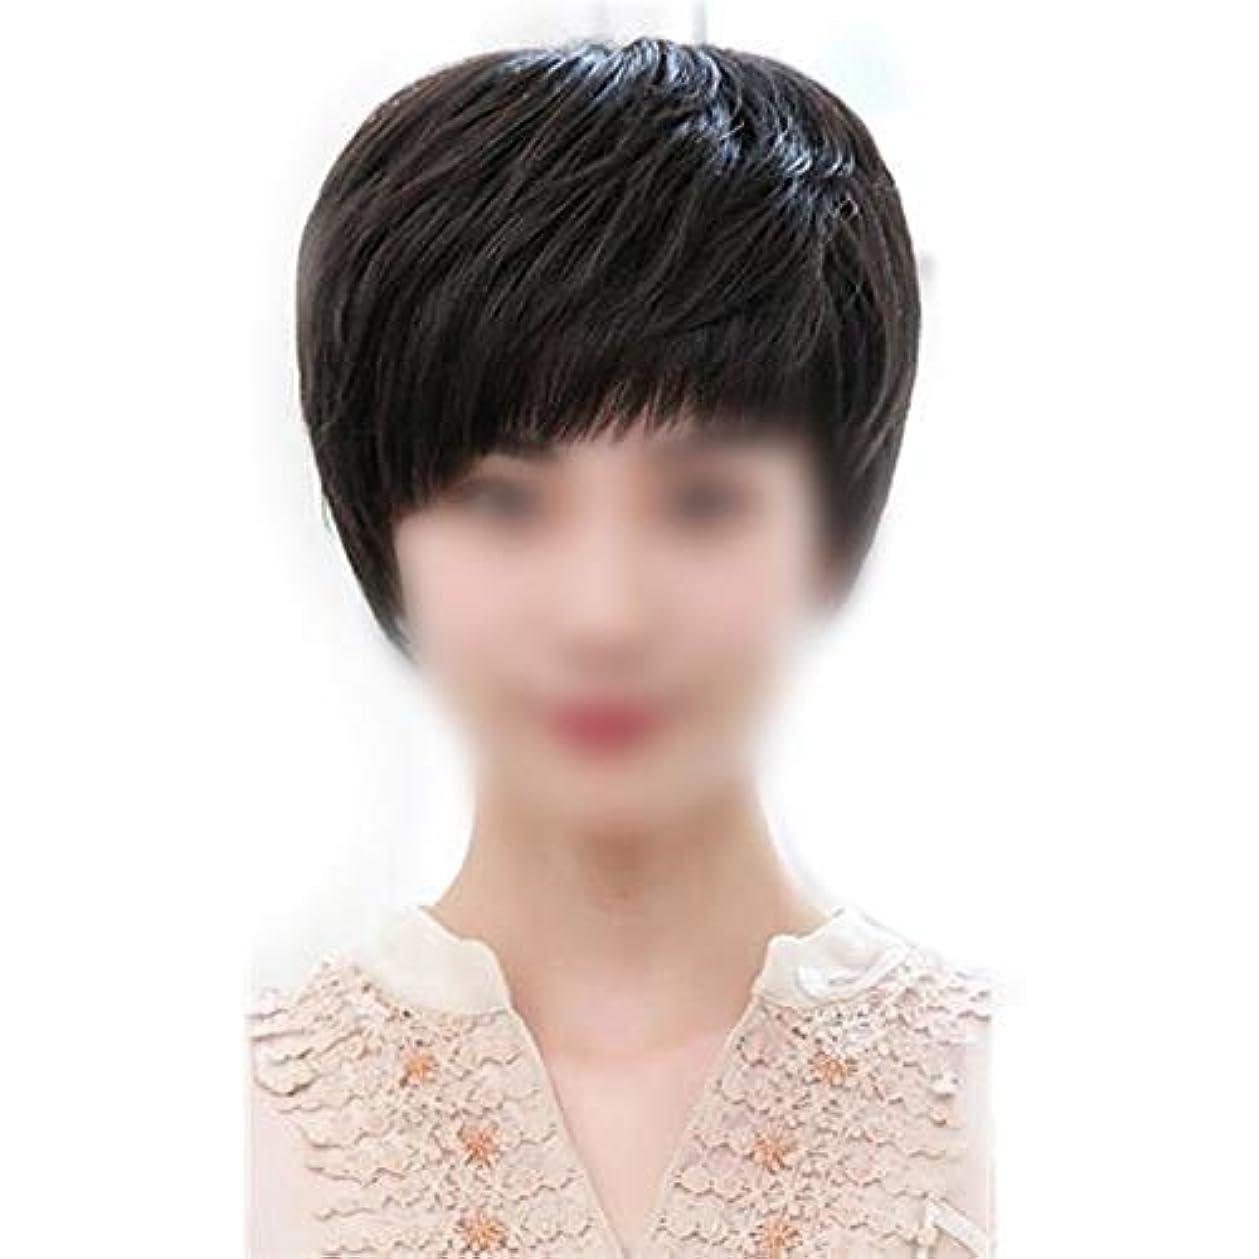 愛国的なコンチネンタルビームYOUQIU 中年ウィッグ女性の自然な手織りの実髪ショートカーリーヘアウィッグ (色 : Natural black)